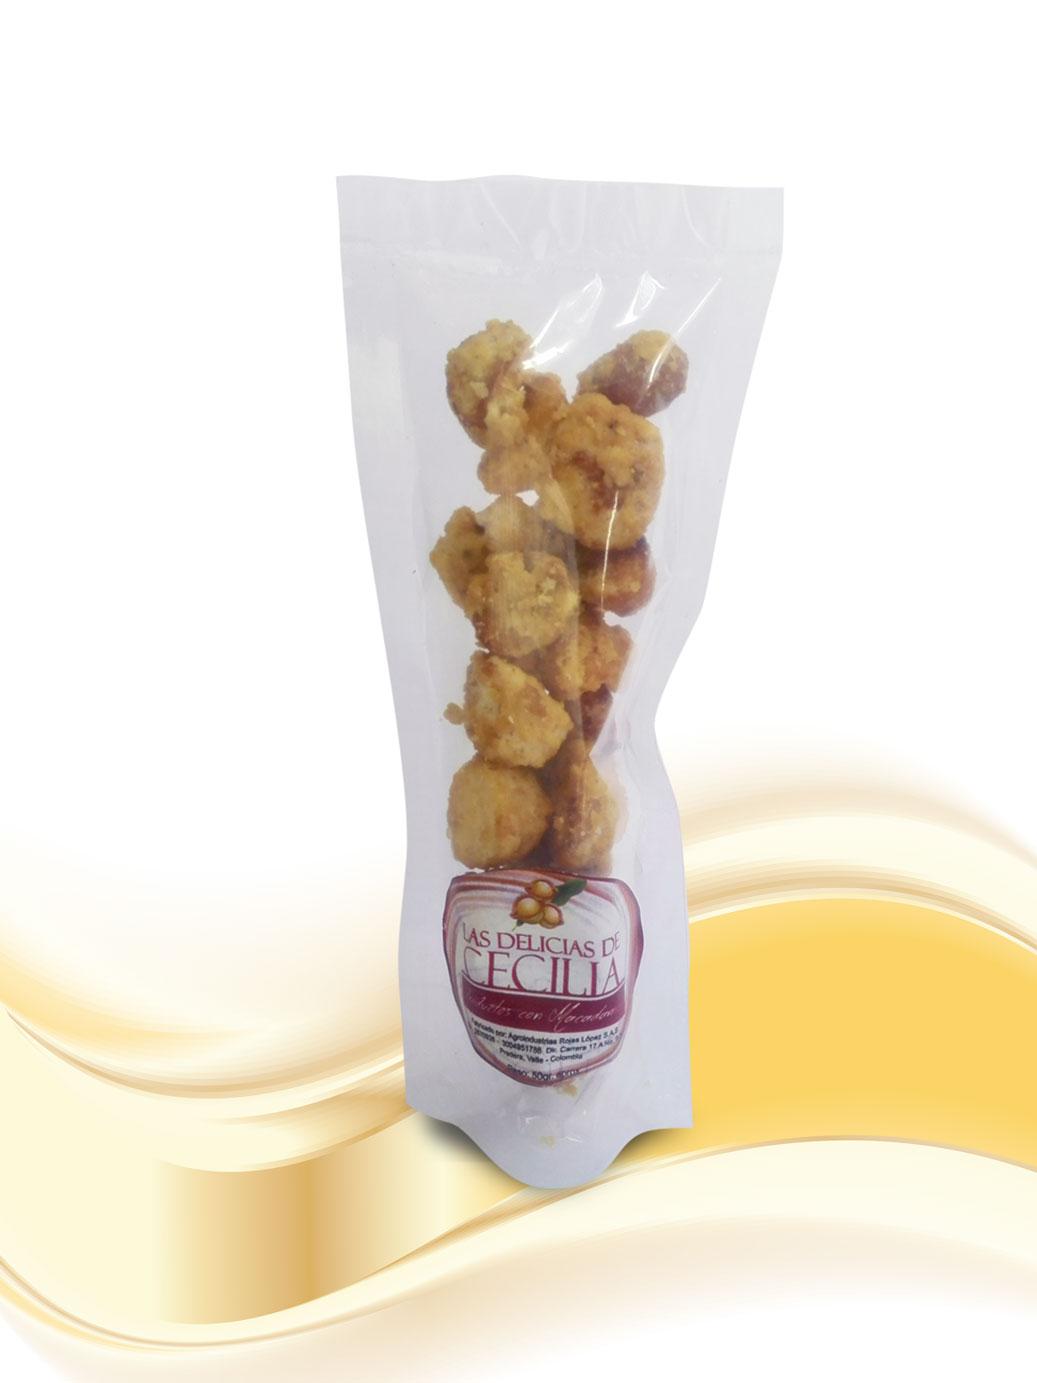 Macadamia Caramelizada-x-50g Las Delicias de Cecilia Productos con Macadamia